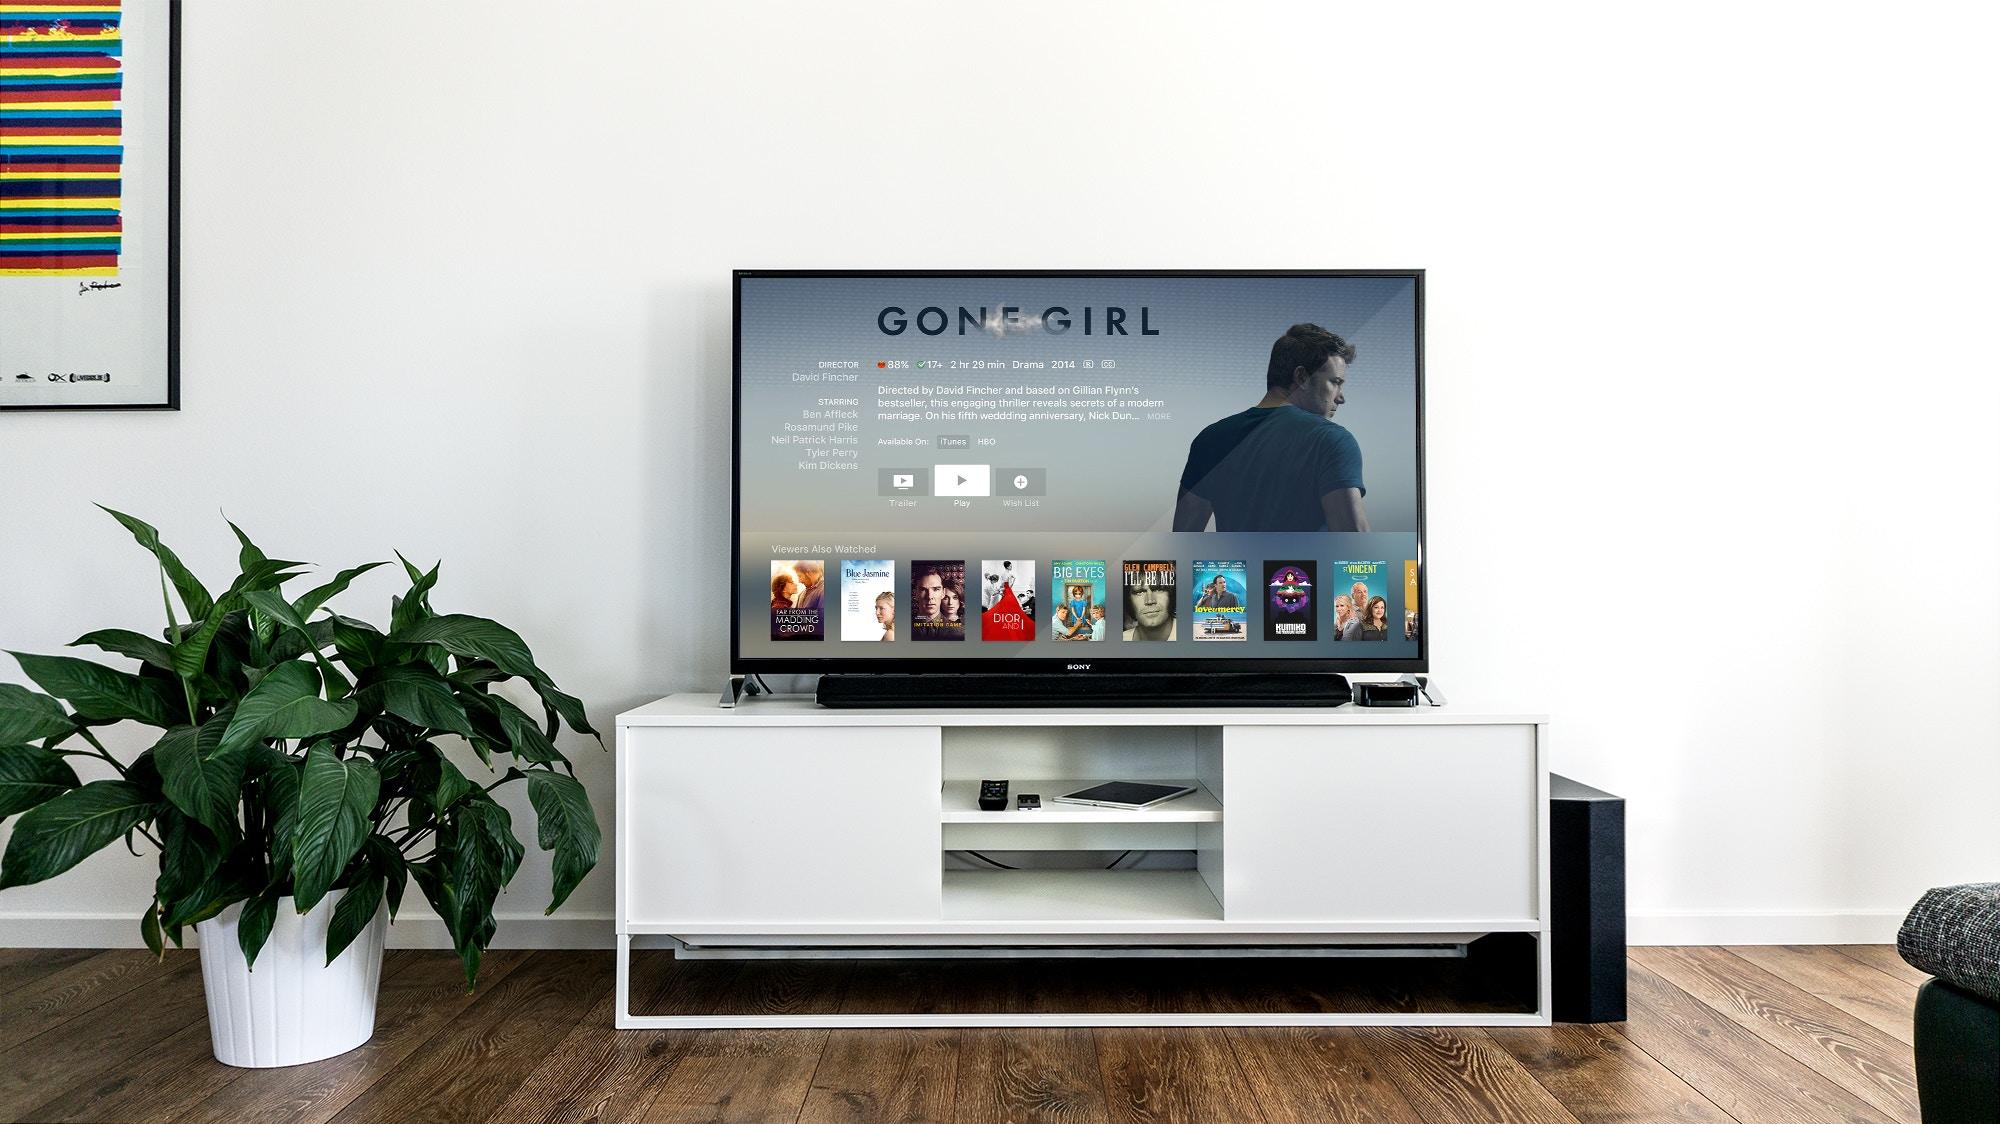 Keunggulan TV LED Samsung 32 Inch Seri K5300 yang Ditawarkan